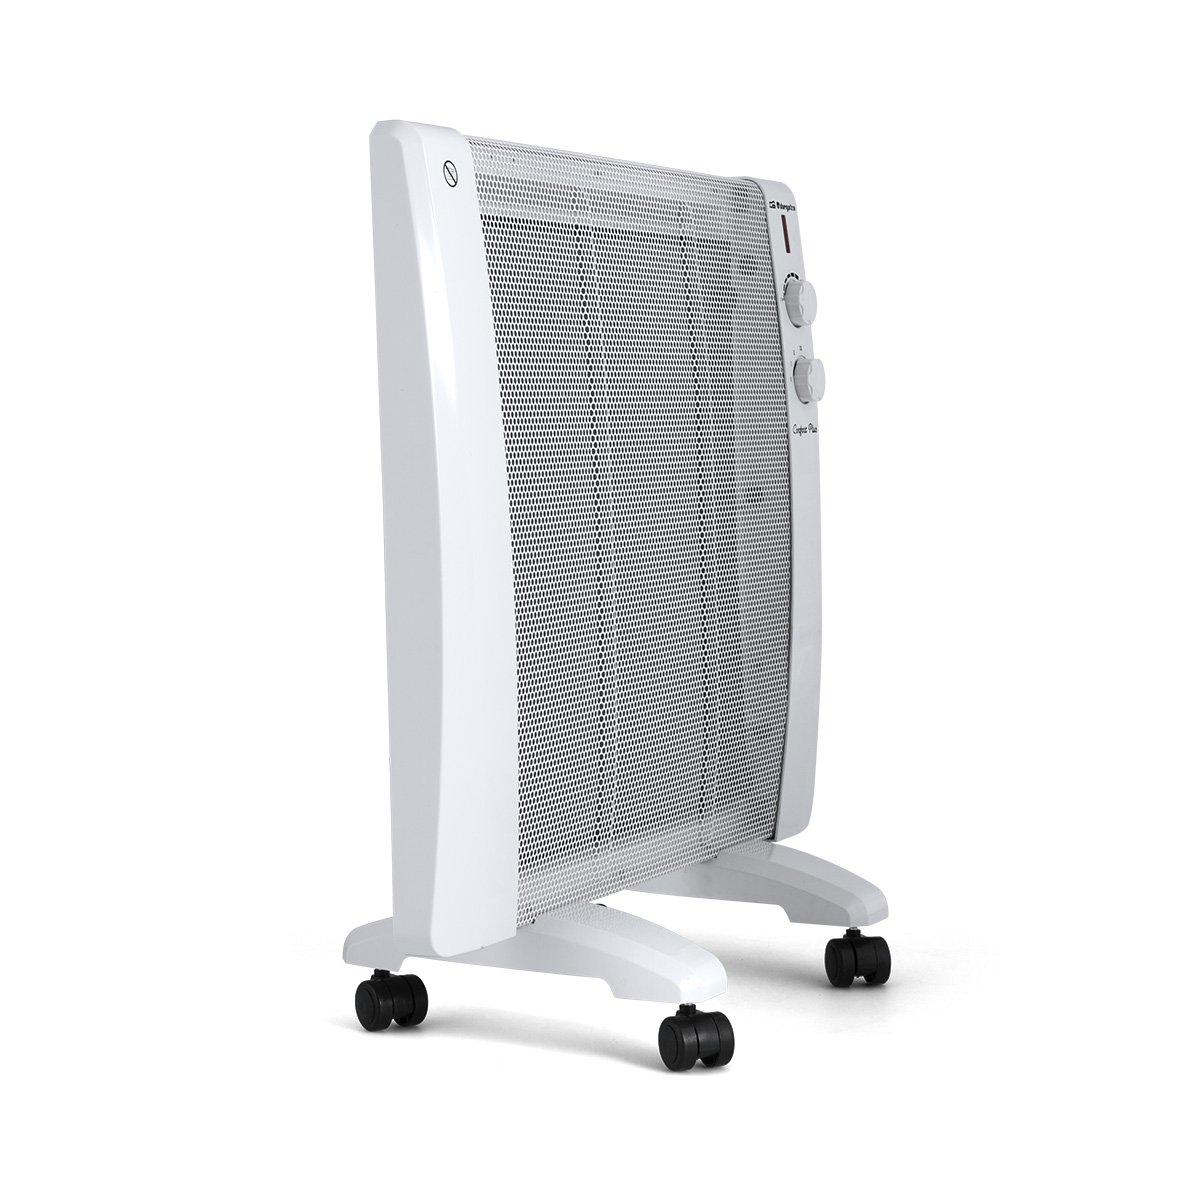 Orbegozo RM 1000 Radiador de Mica, W, Color blanco: Amazon.es: Hogar